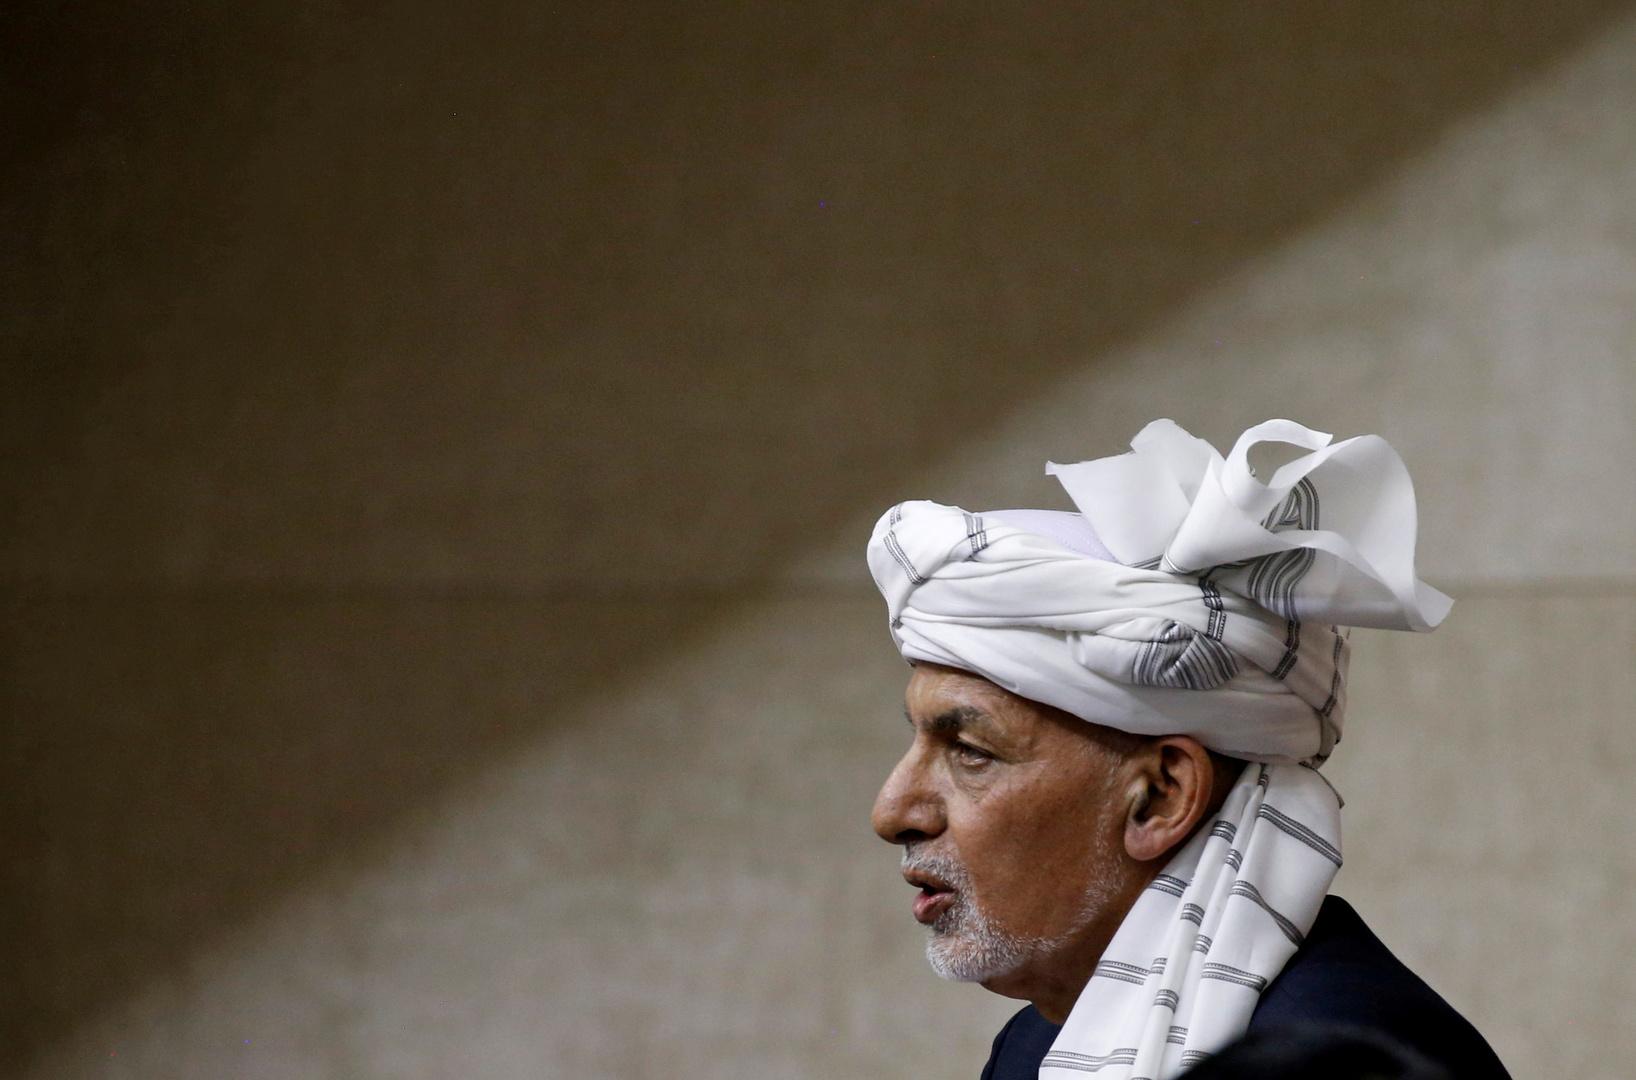 الرئيس الأفغاني السابق، أشرف غني.